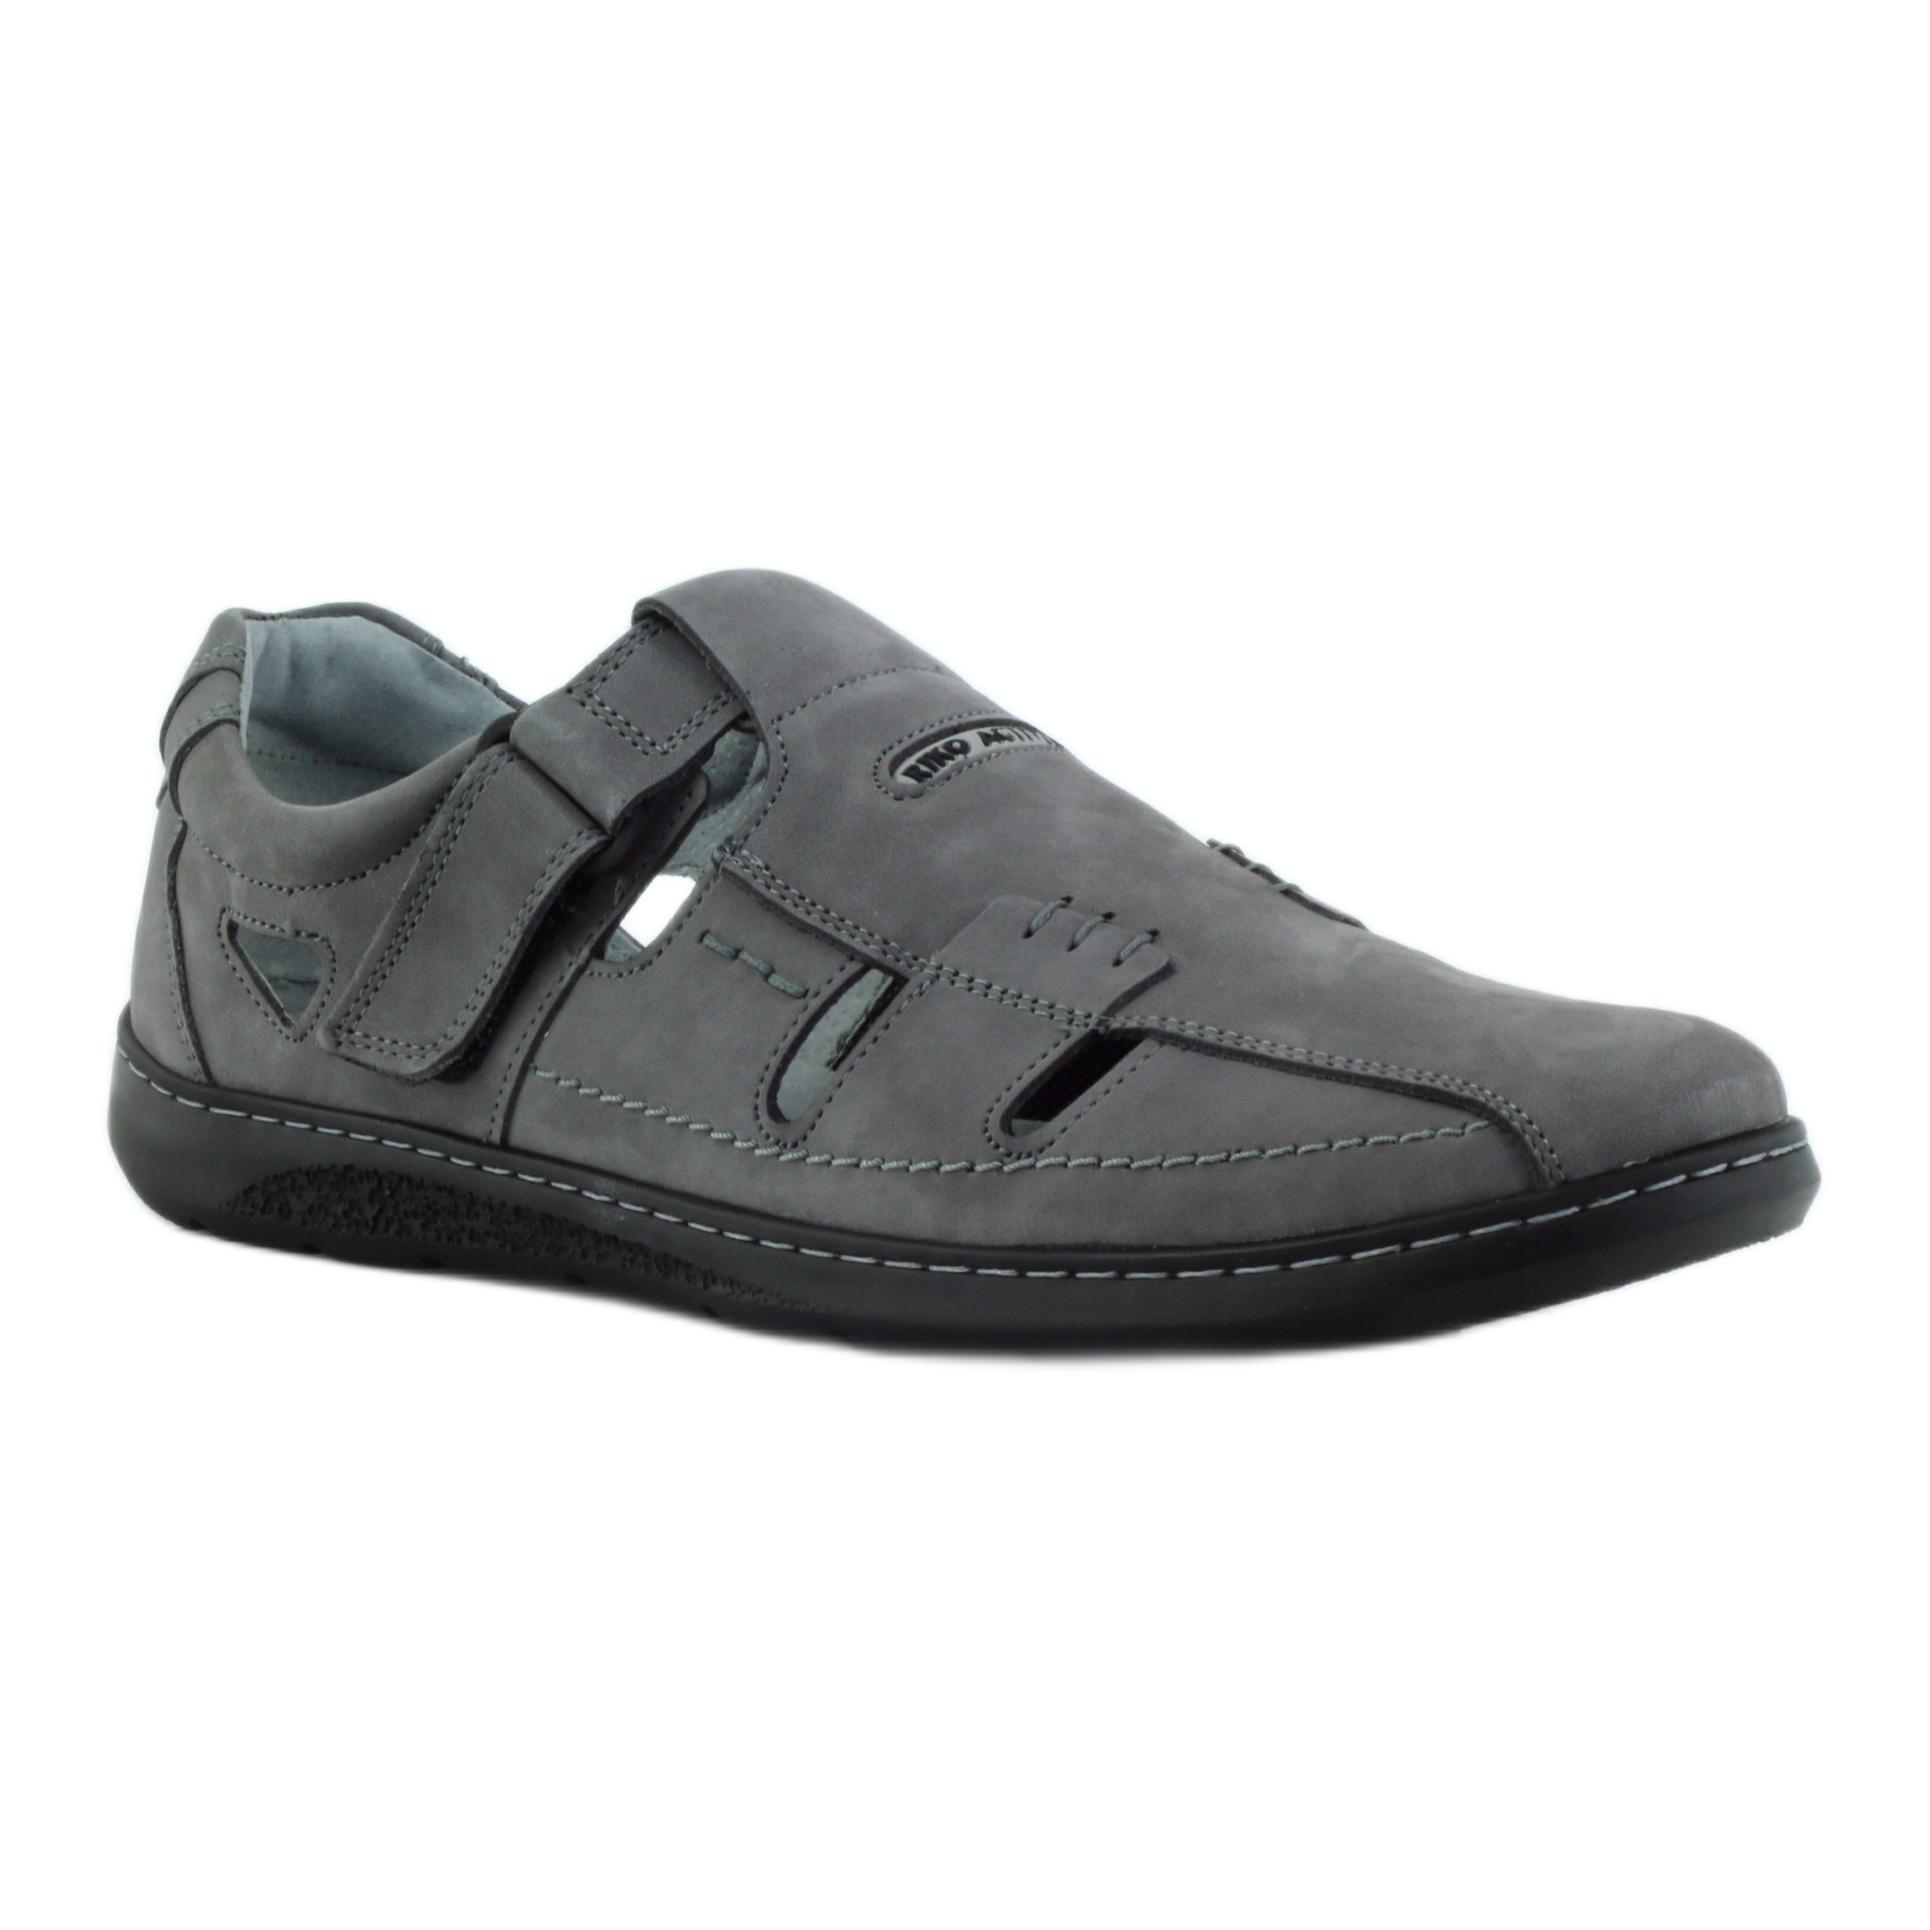 Férfi cipőcipőkModern ButyModne.pl